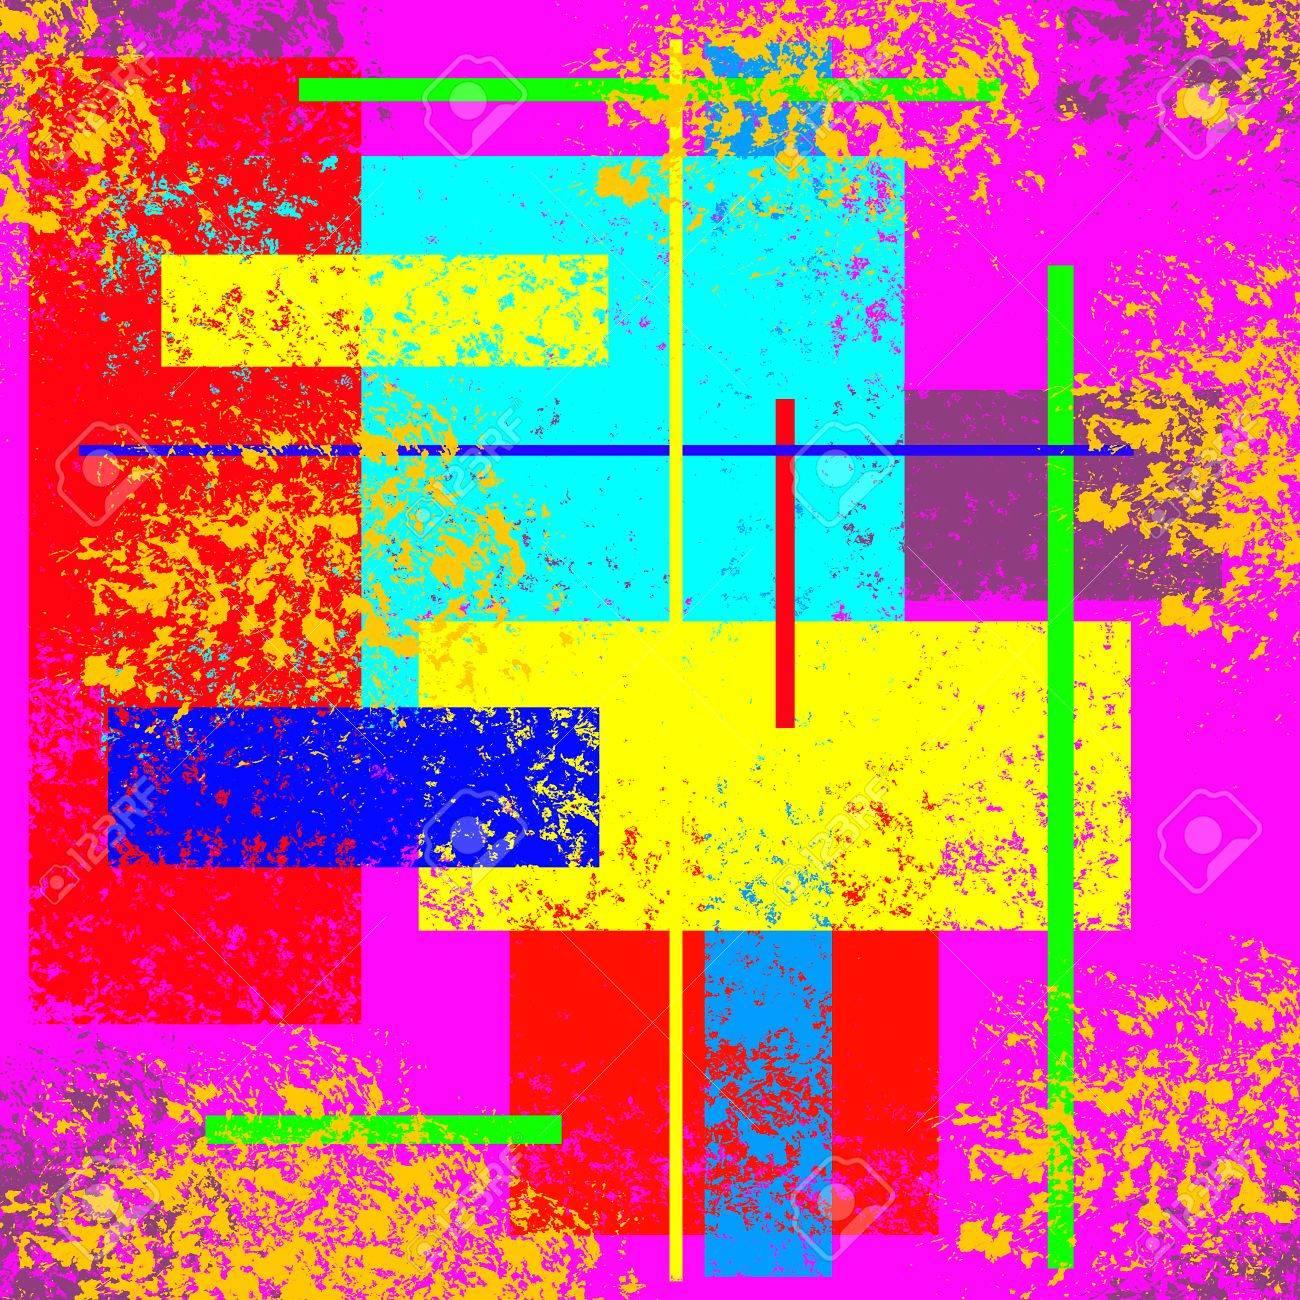 La Pintura Moderna Artística Digitales Como Fondo Fotos Retratos